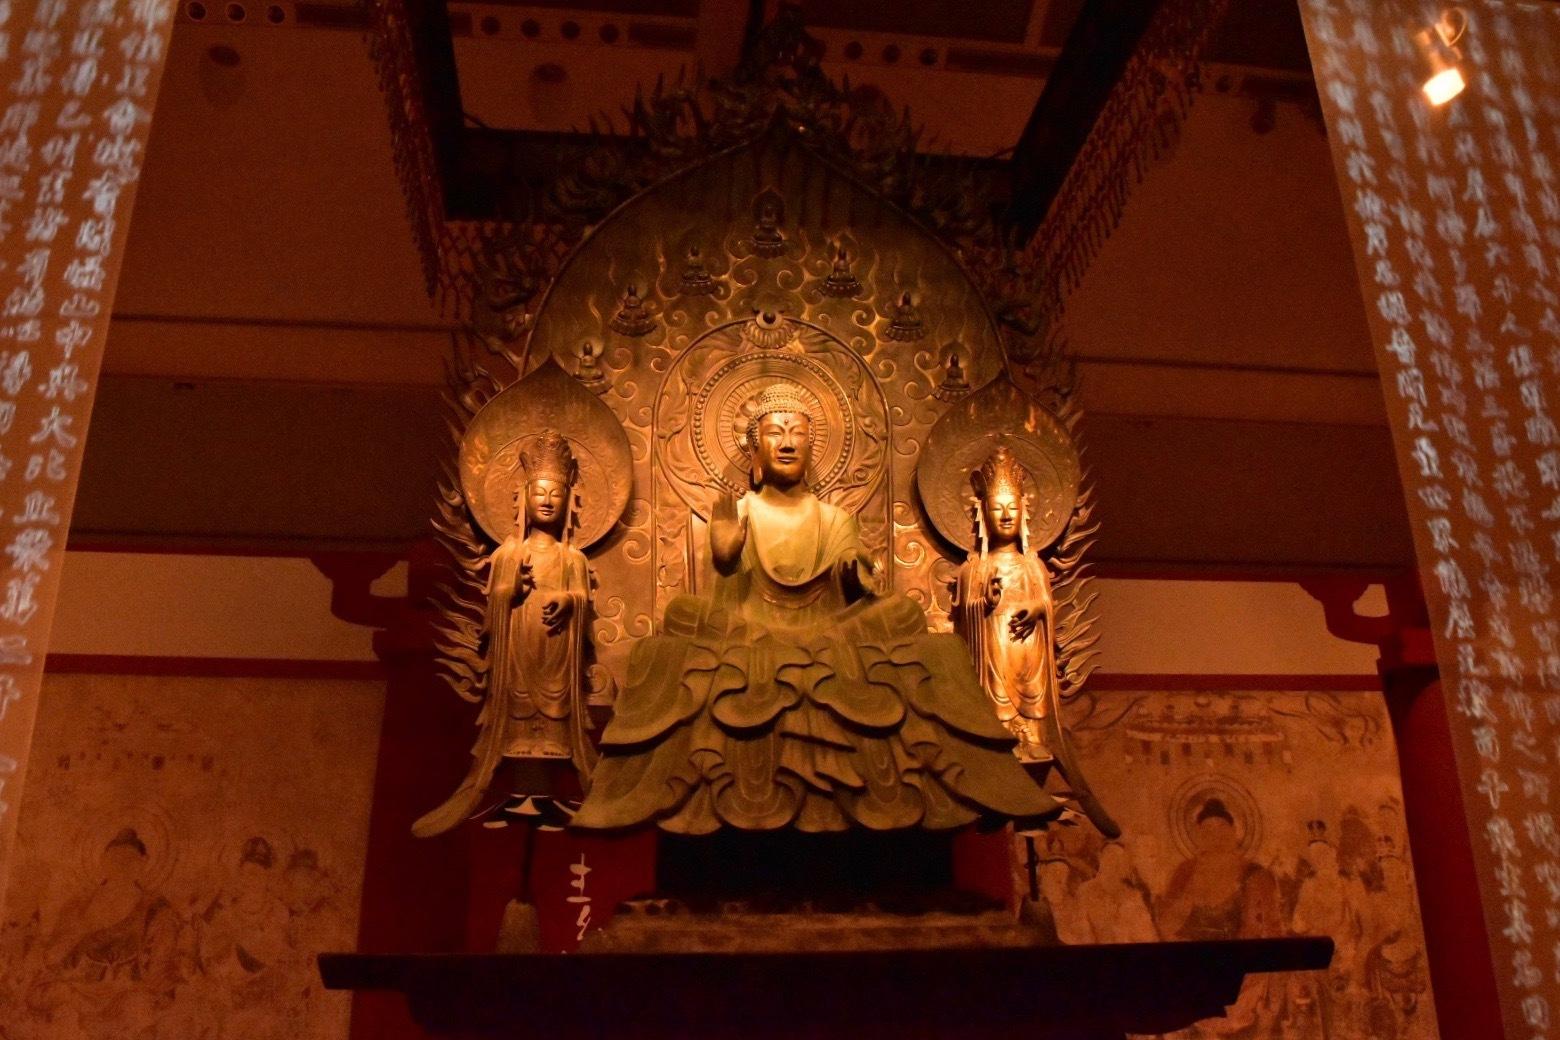 会場エントランス クローン文化財 法隆寺釈迦三尊像 623年